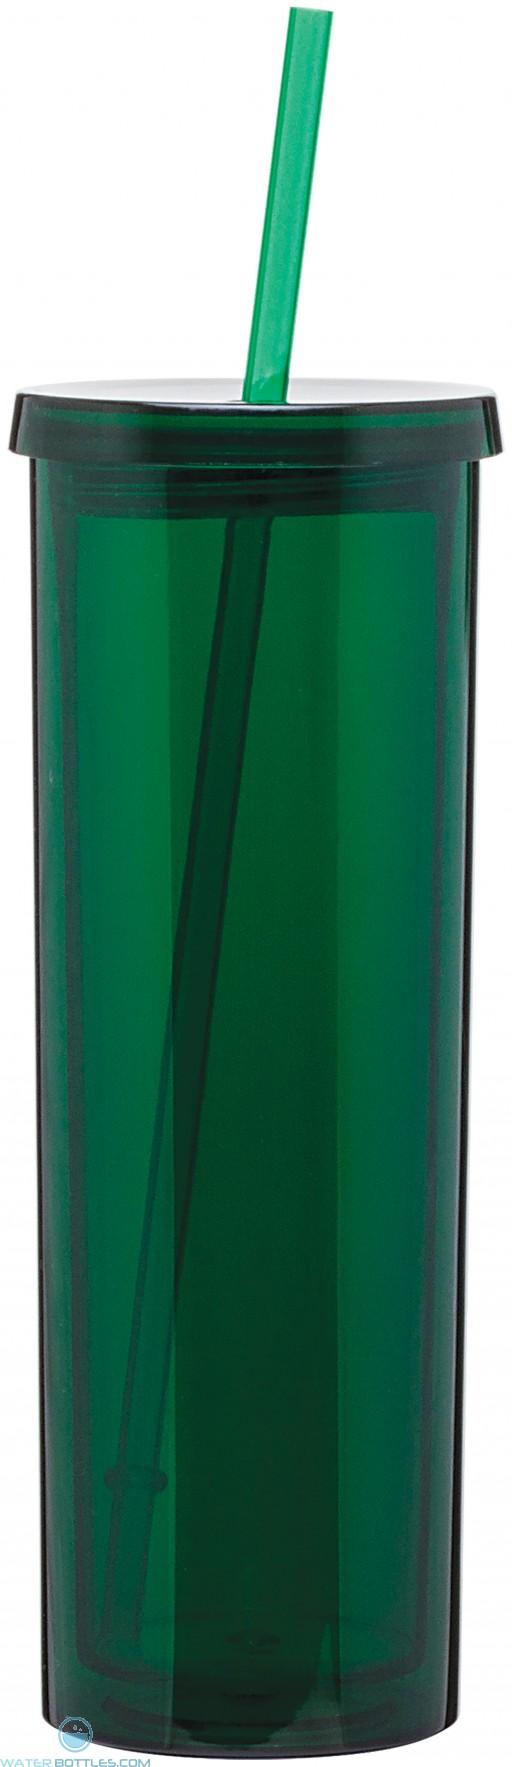 16 oz verano-green